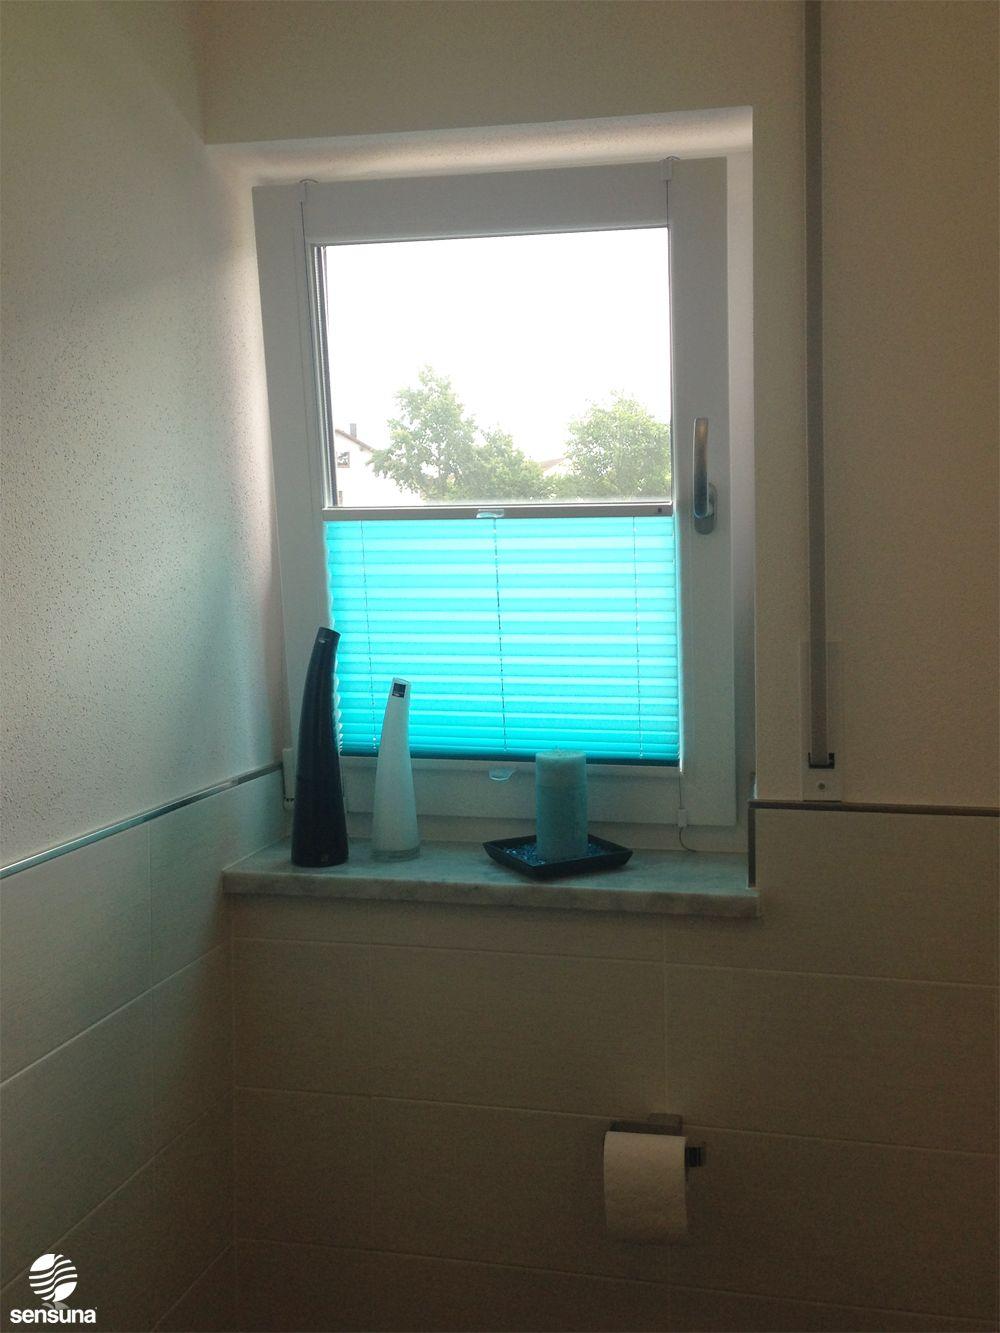 sensuna® Badezimmer Plissee in türkis - ein Kundenfoto / sensuna ...